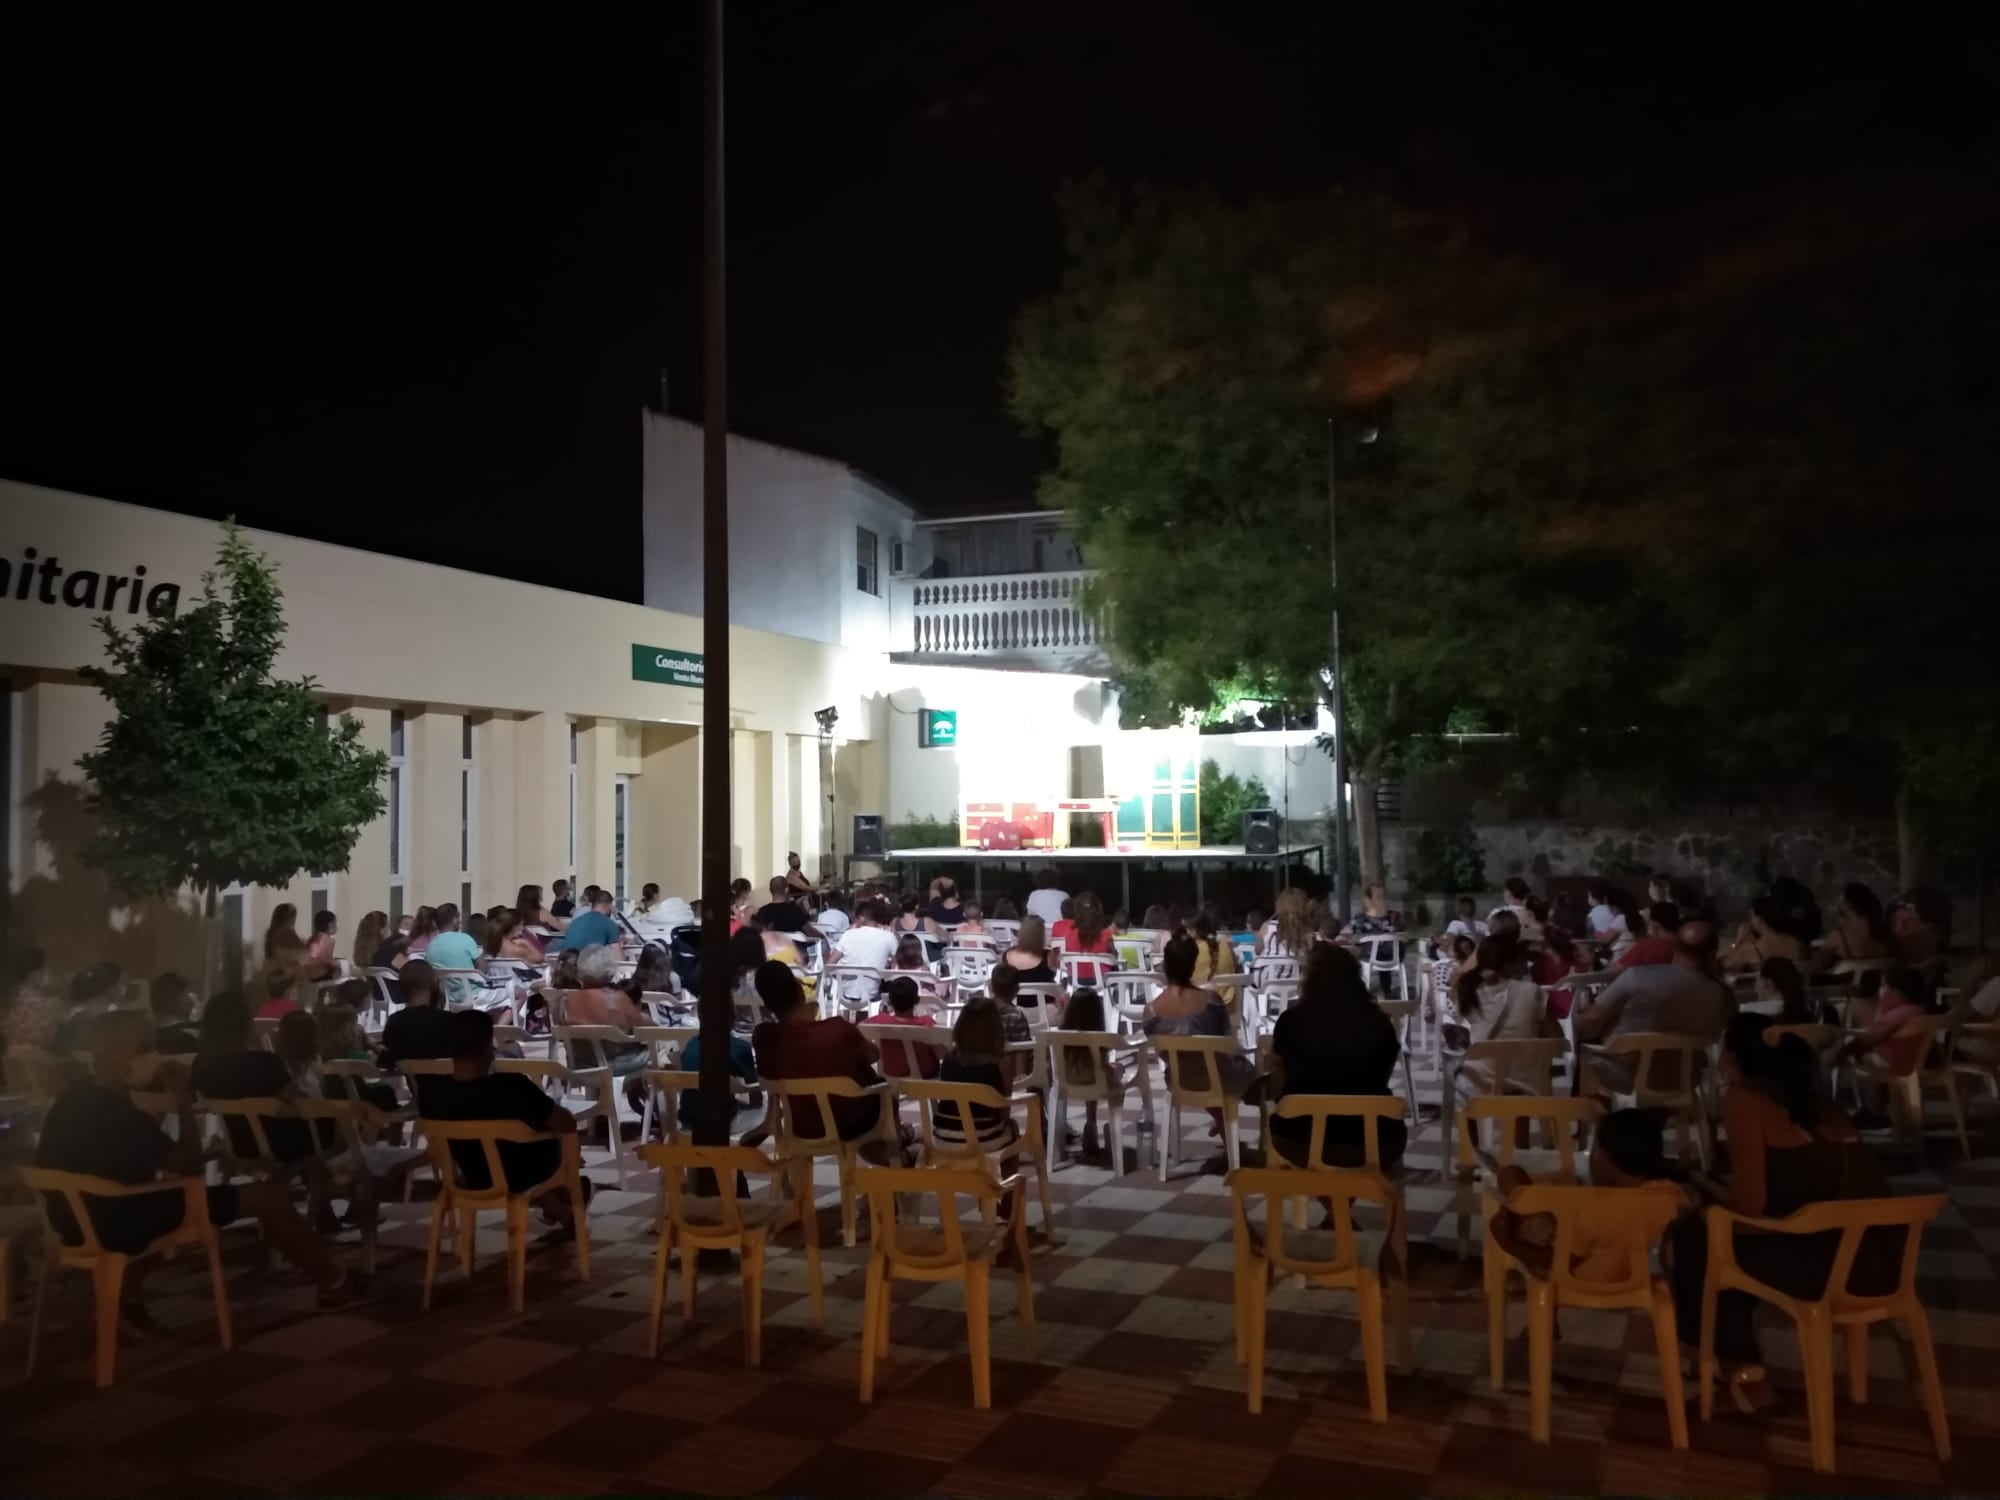 La Casa de la Cultura de Huétor Tájar acoge la obra de teatro 'El gran traje' de la compañía LaSal